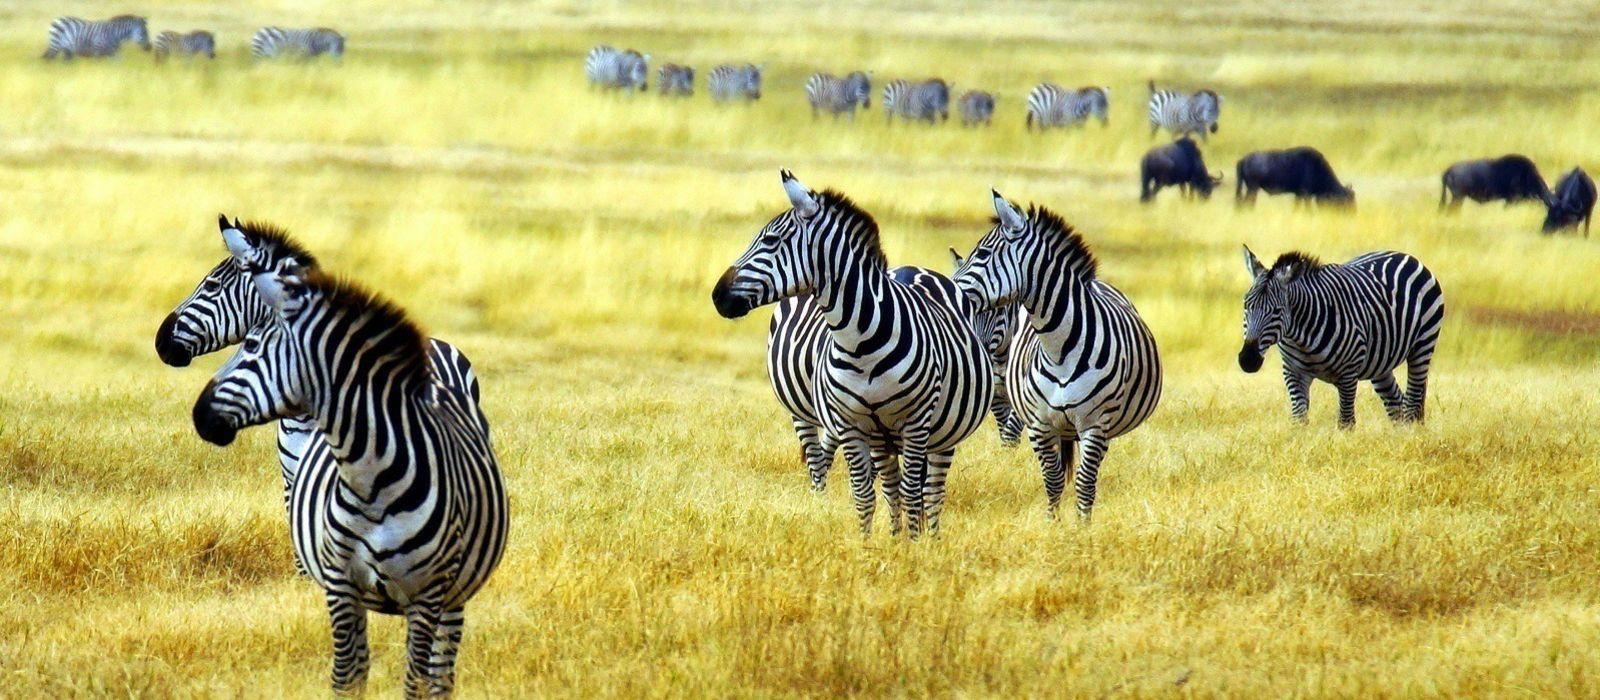 Stilvoll reisen in Tansania & Sansibar Urlaub 4